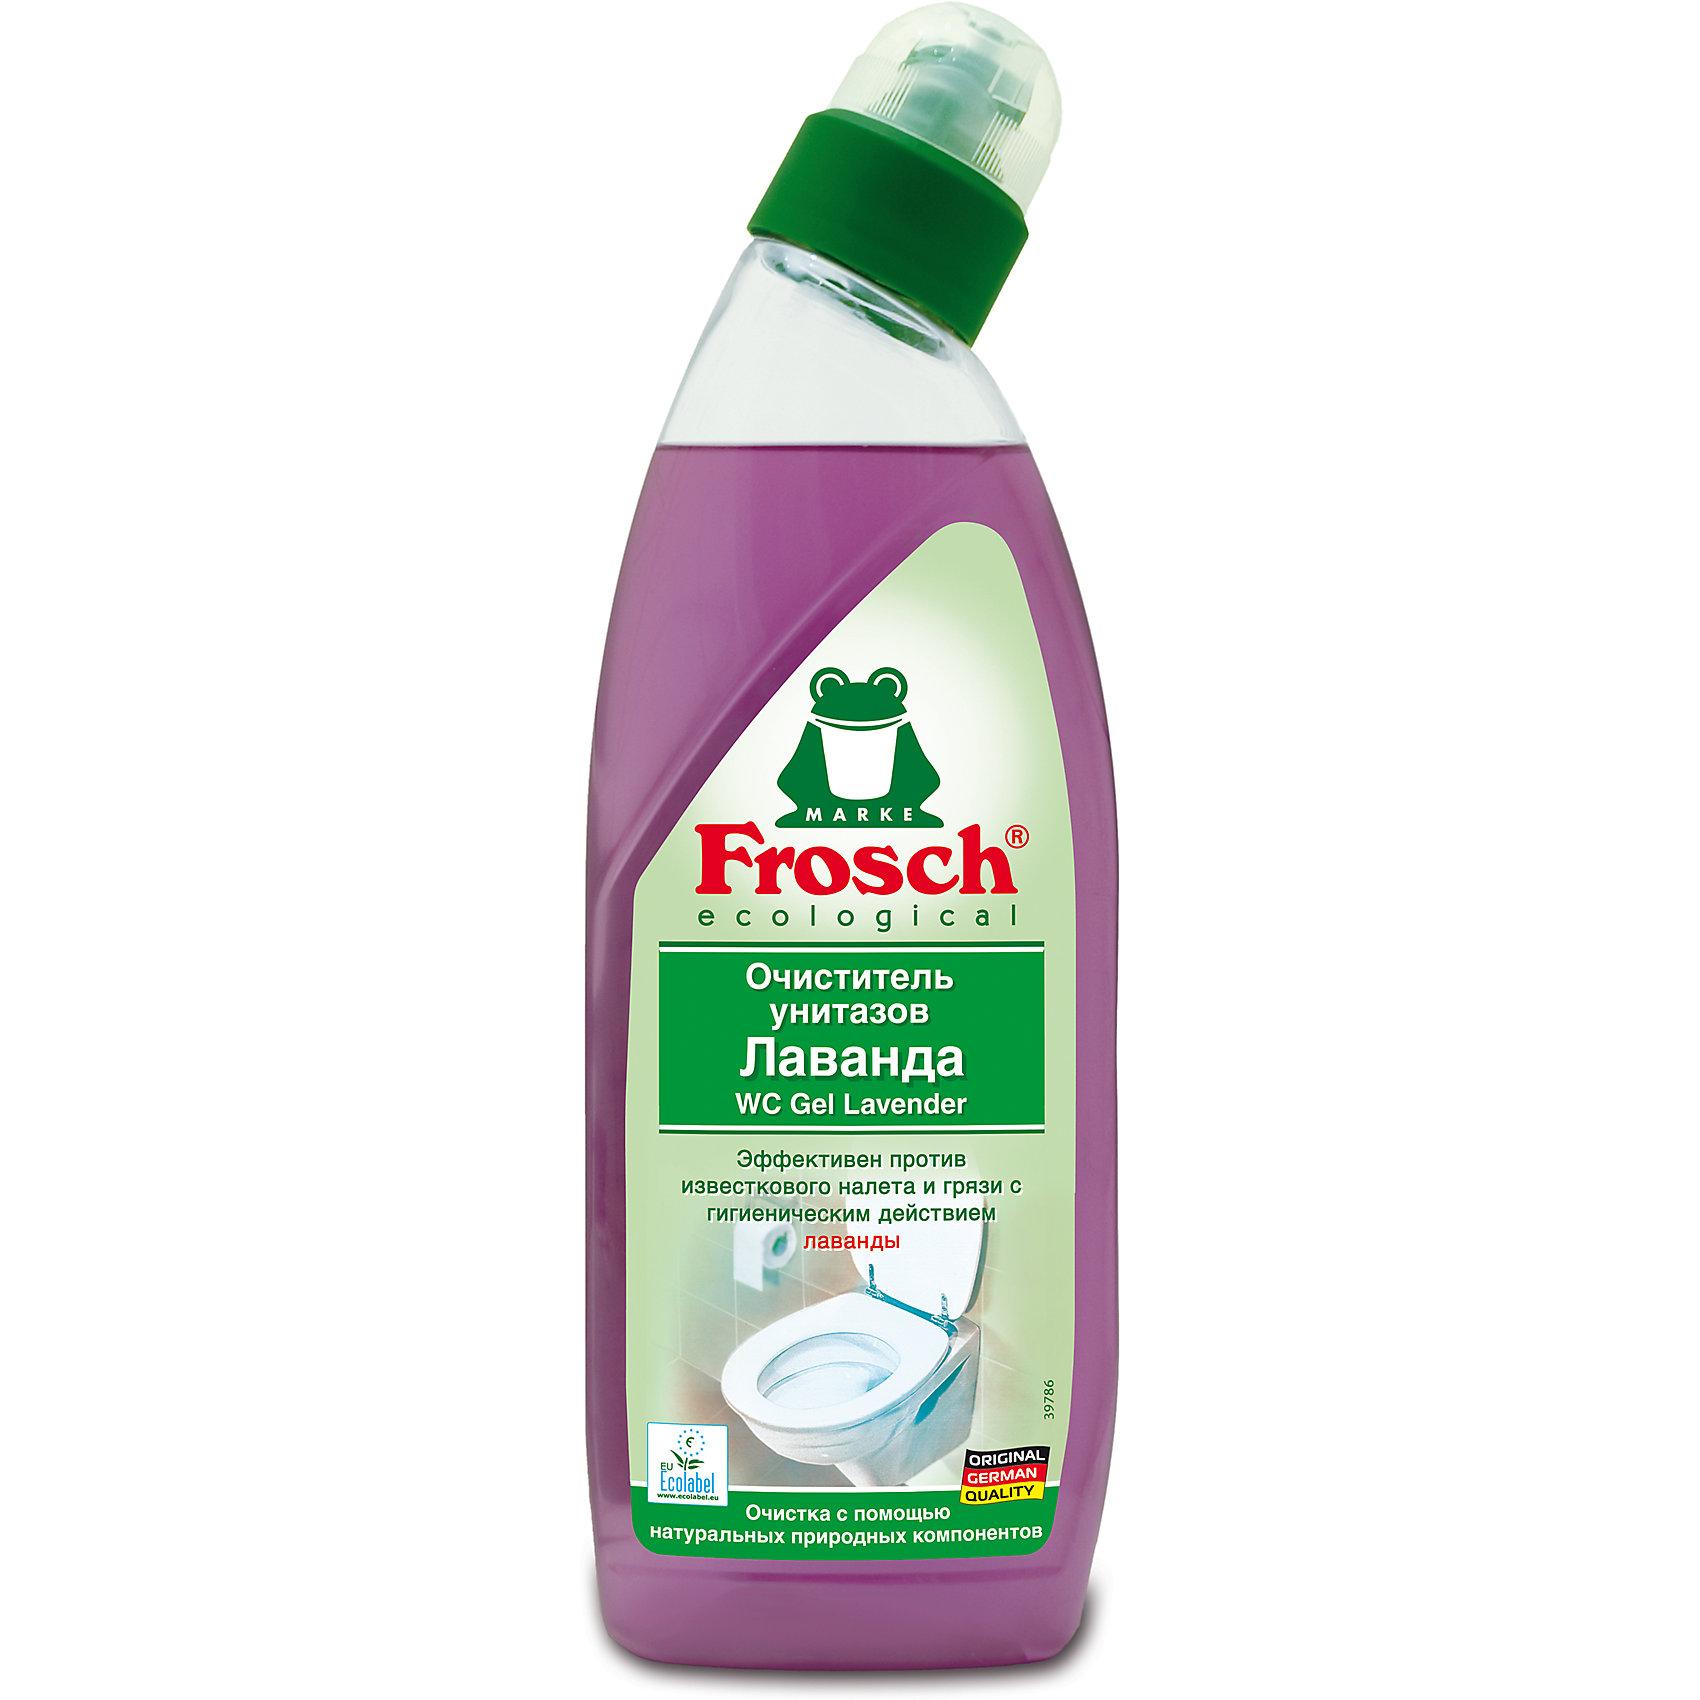 Очиститель унитазов Лаванда, 0,75 л., Frosch (-)